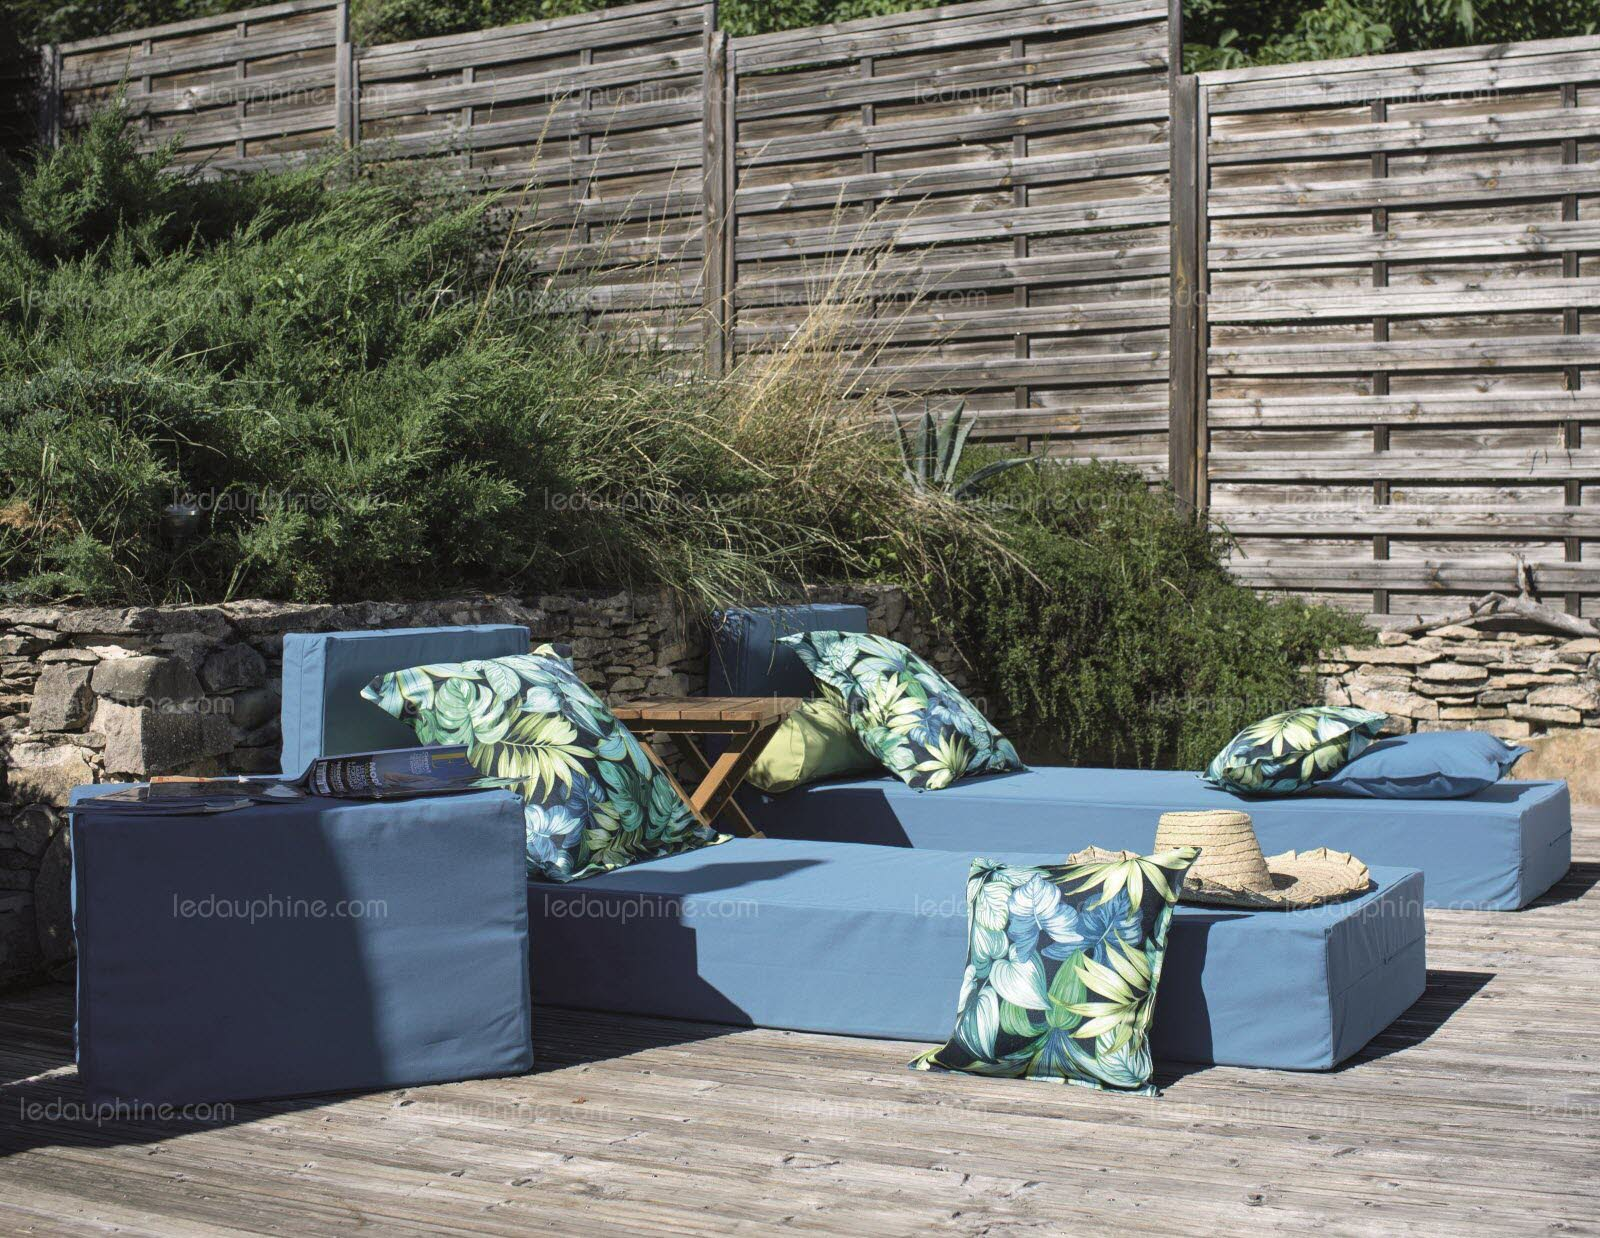 les nouvelles collections de mobilier exterieur investissent la terrasse me le prolongement du salon il s agit de decorer tout un espace et de le meubler avec les memes exigences de style et de confort que pour les pieces de la maison photo mondial tissu